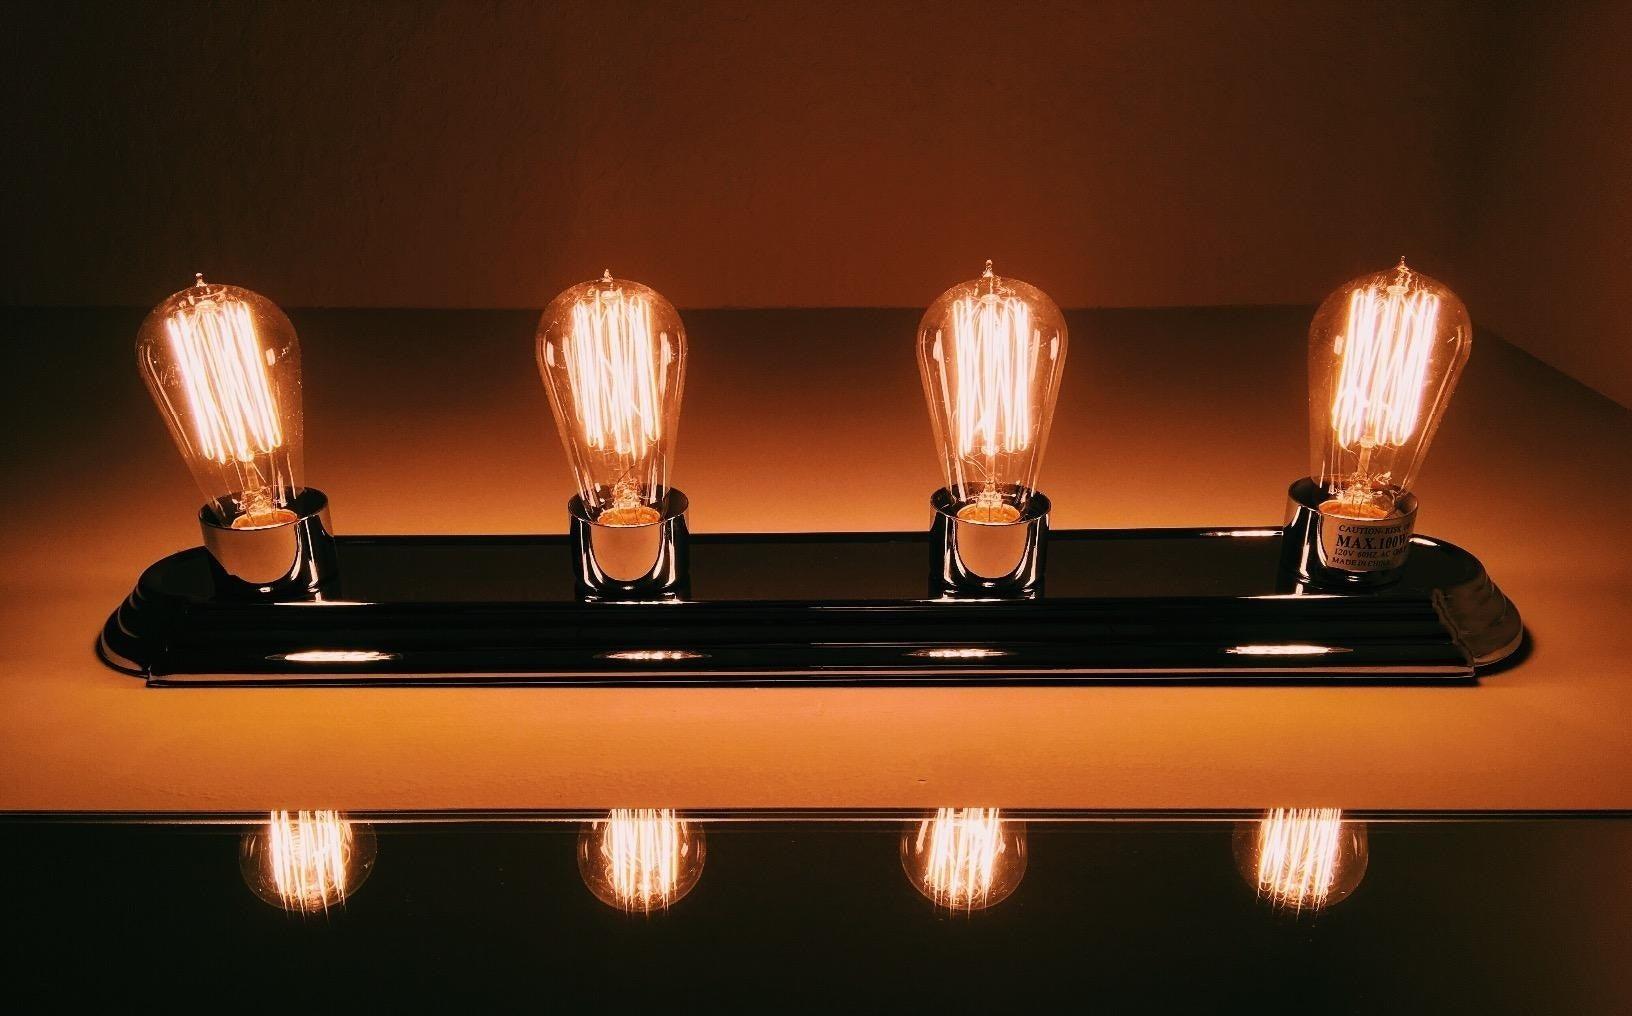 Four Edison bulbs lit up